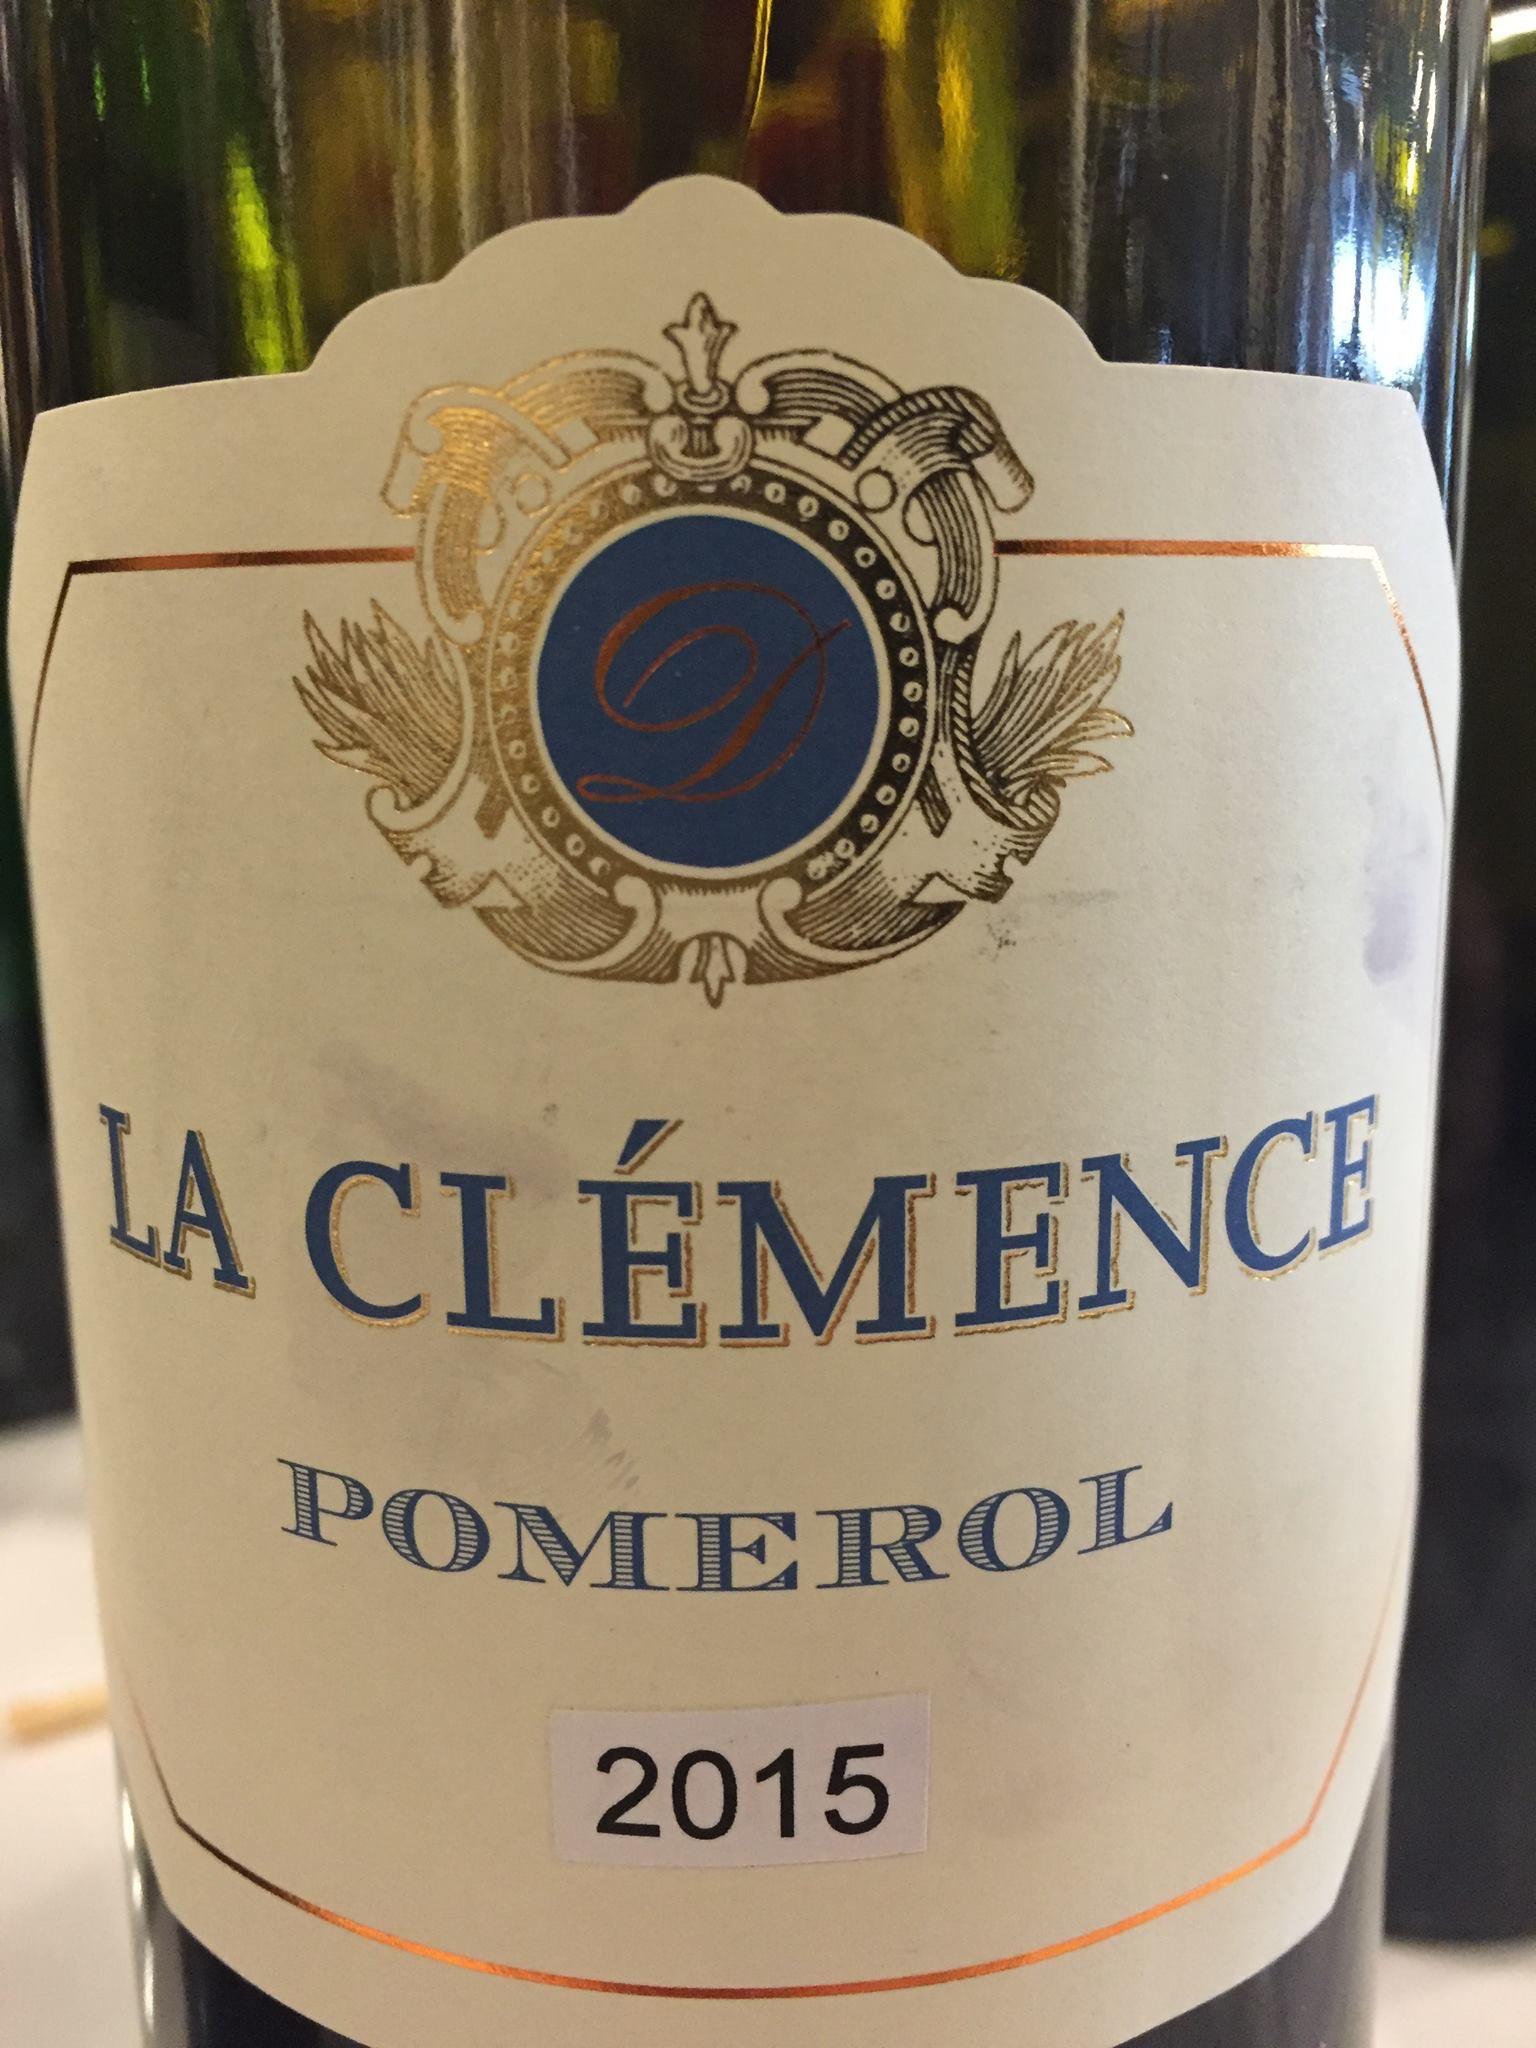 La Clémence 2015 – Pomerol